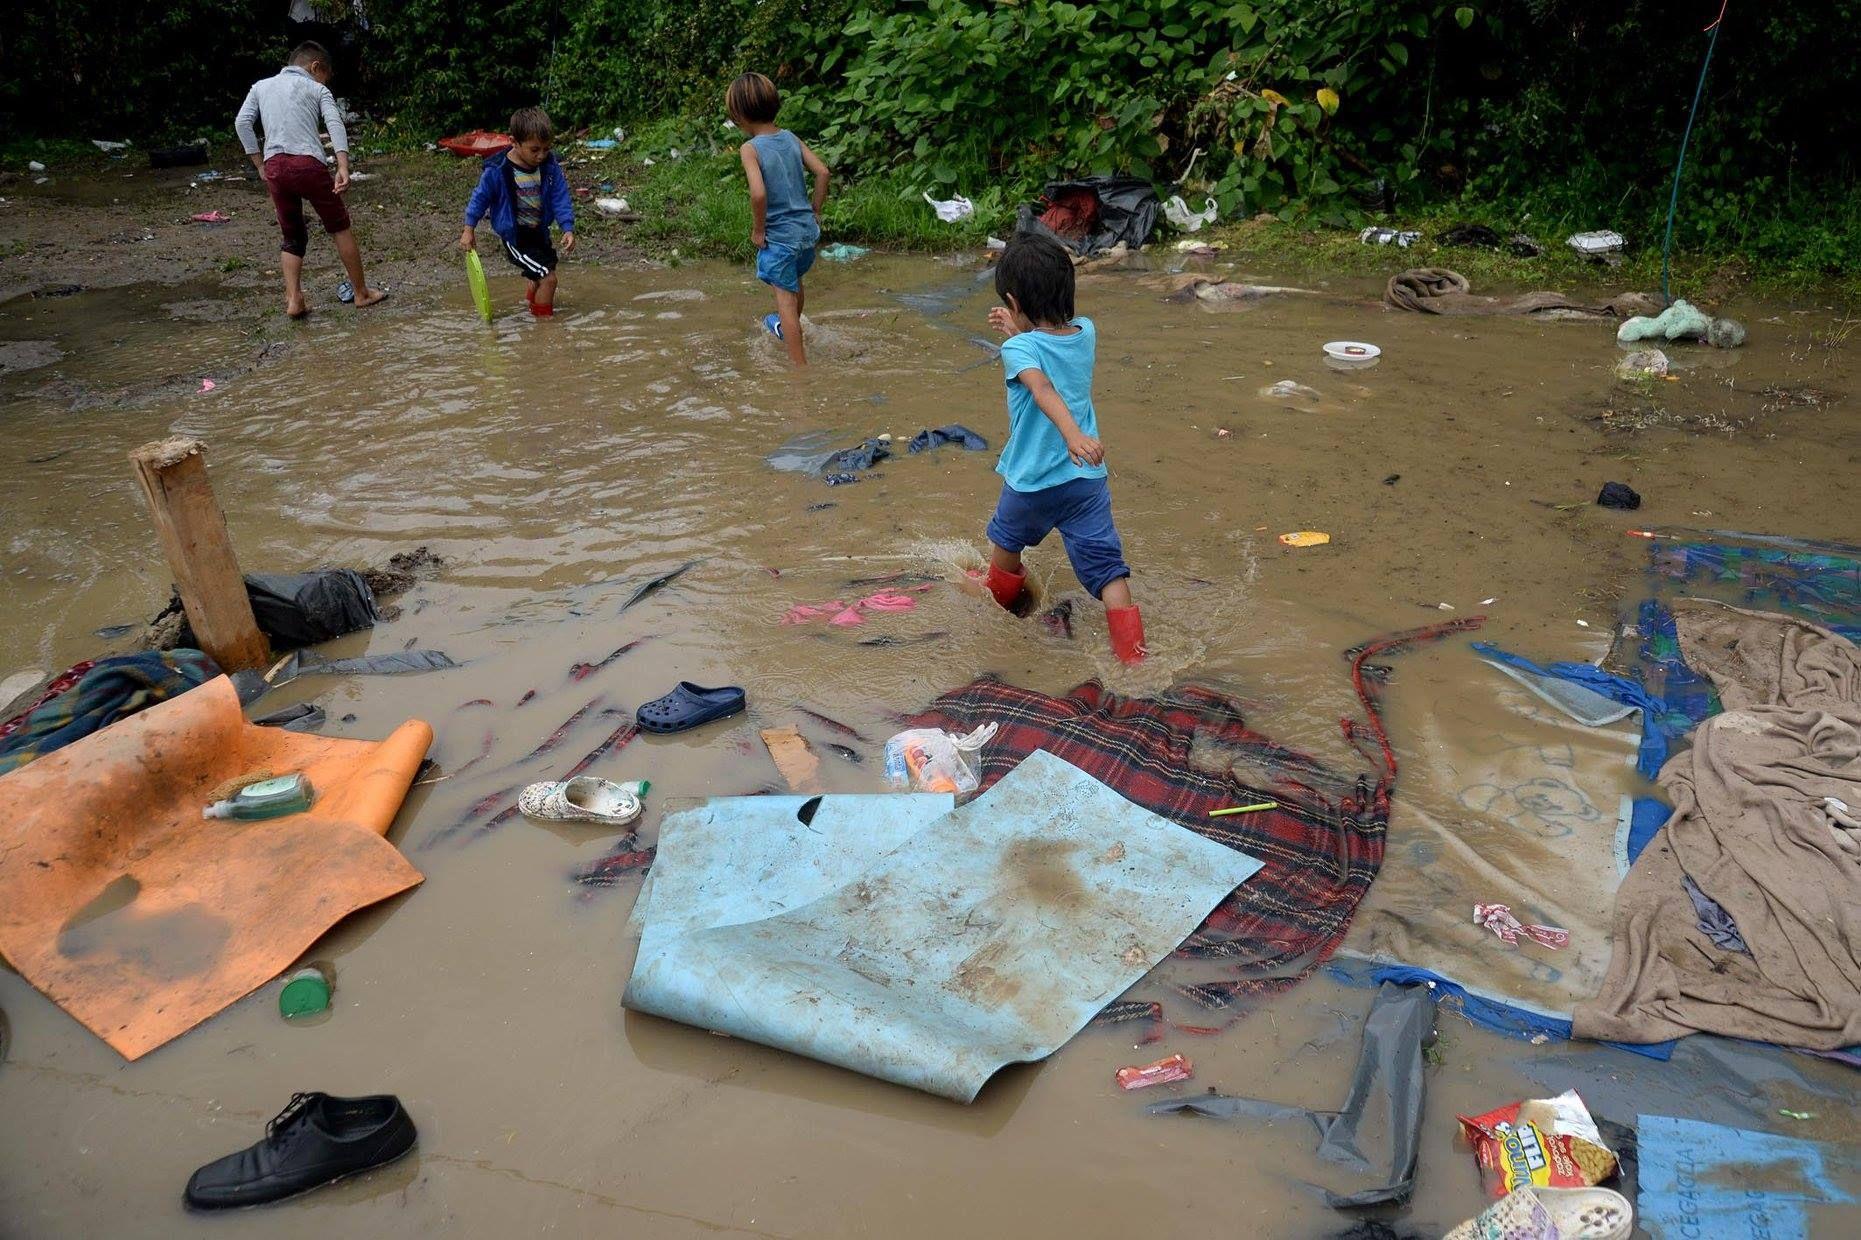 Saopštenje povodom katastrofalne situacije po živote izbjeglica i migranata u Bihaću i Velikoj Kladuši